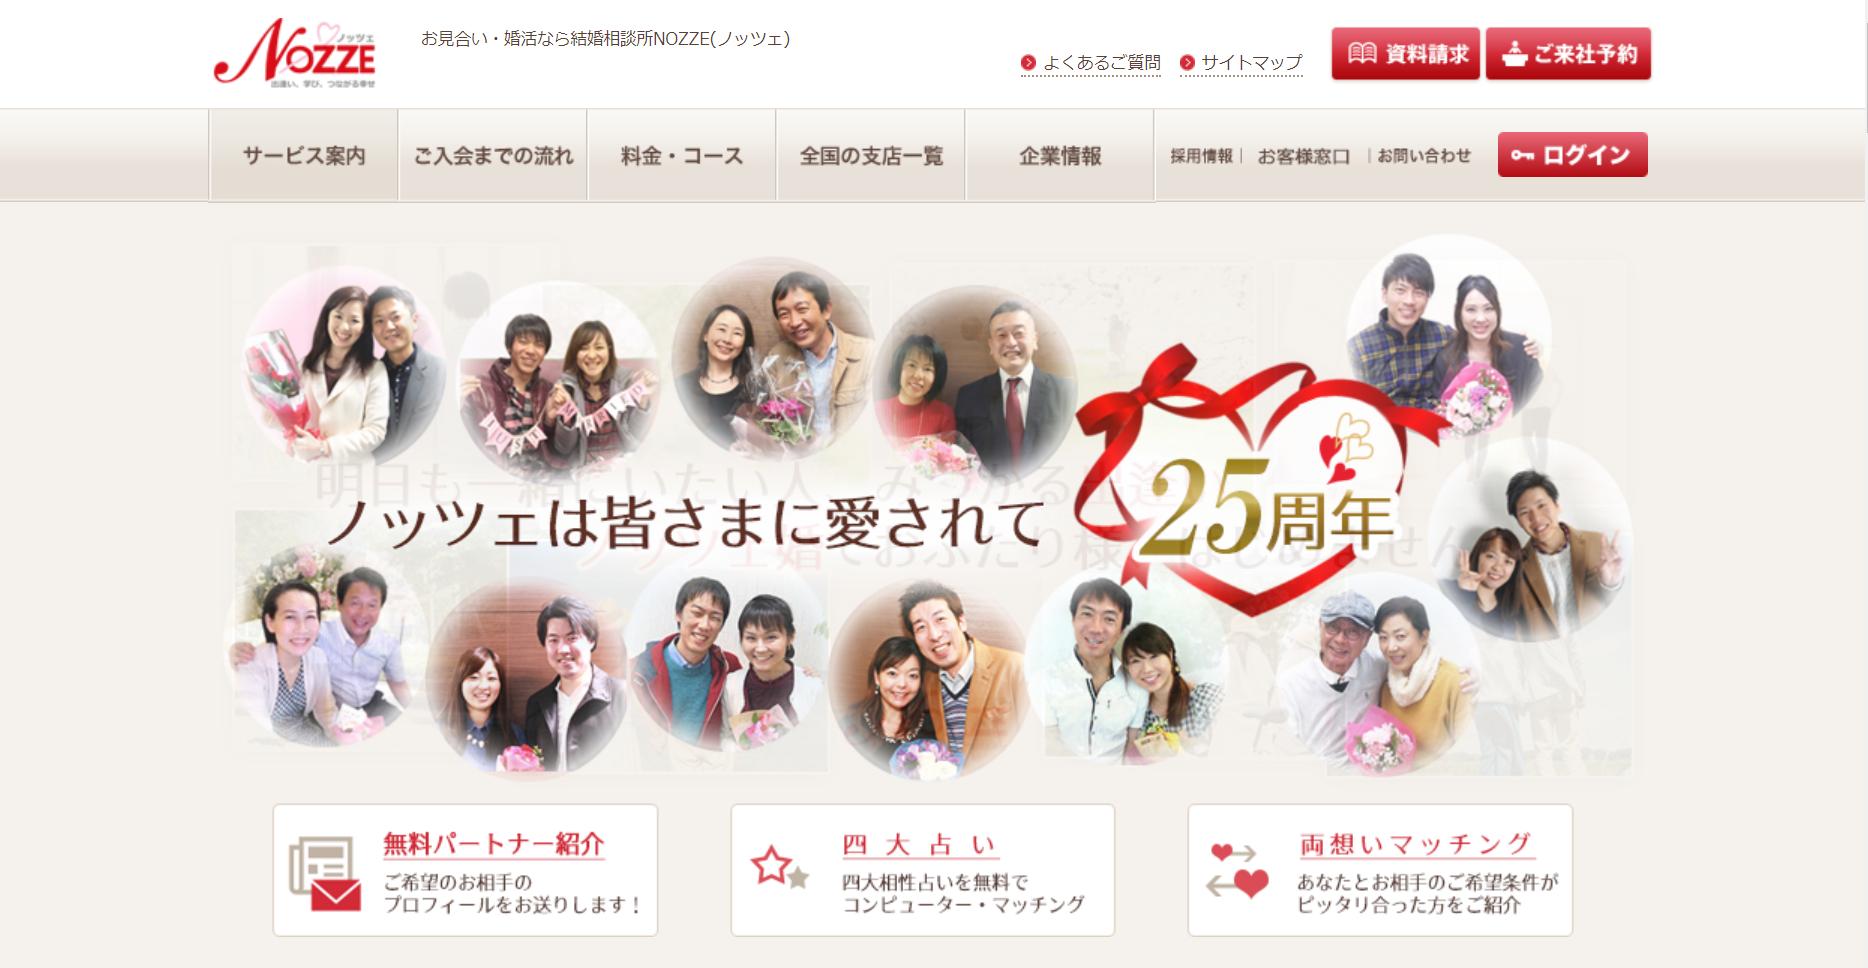 結婚情報センターの評判・口コミ